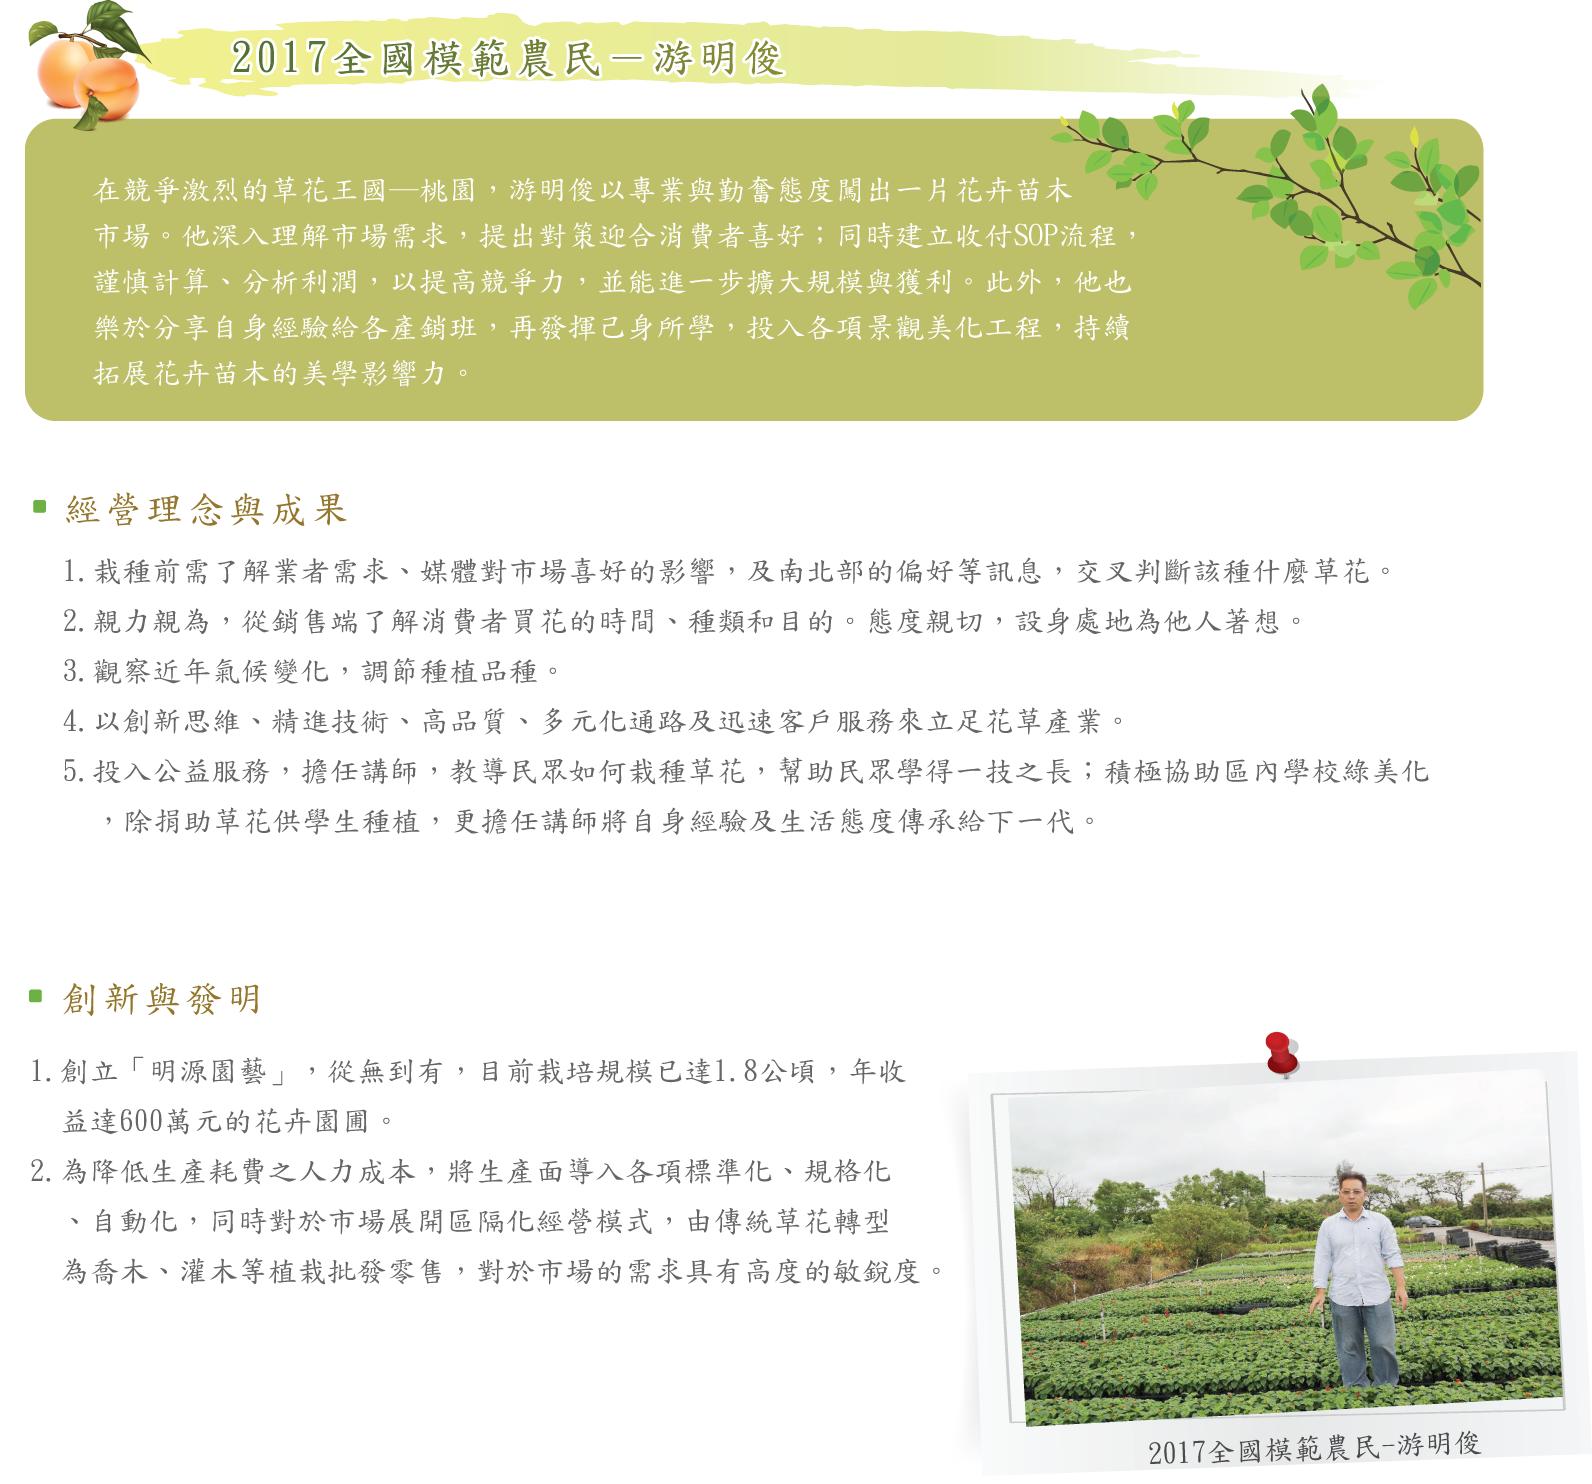 2017全國模範農民-游明俊1